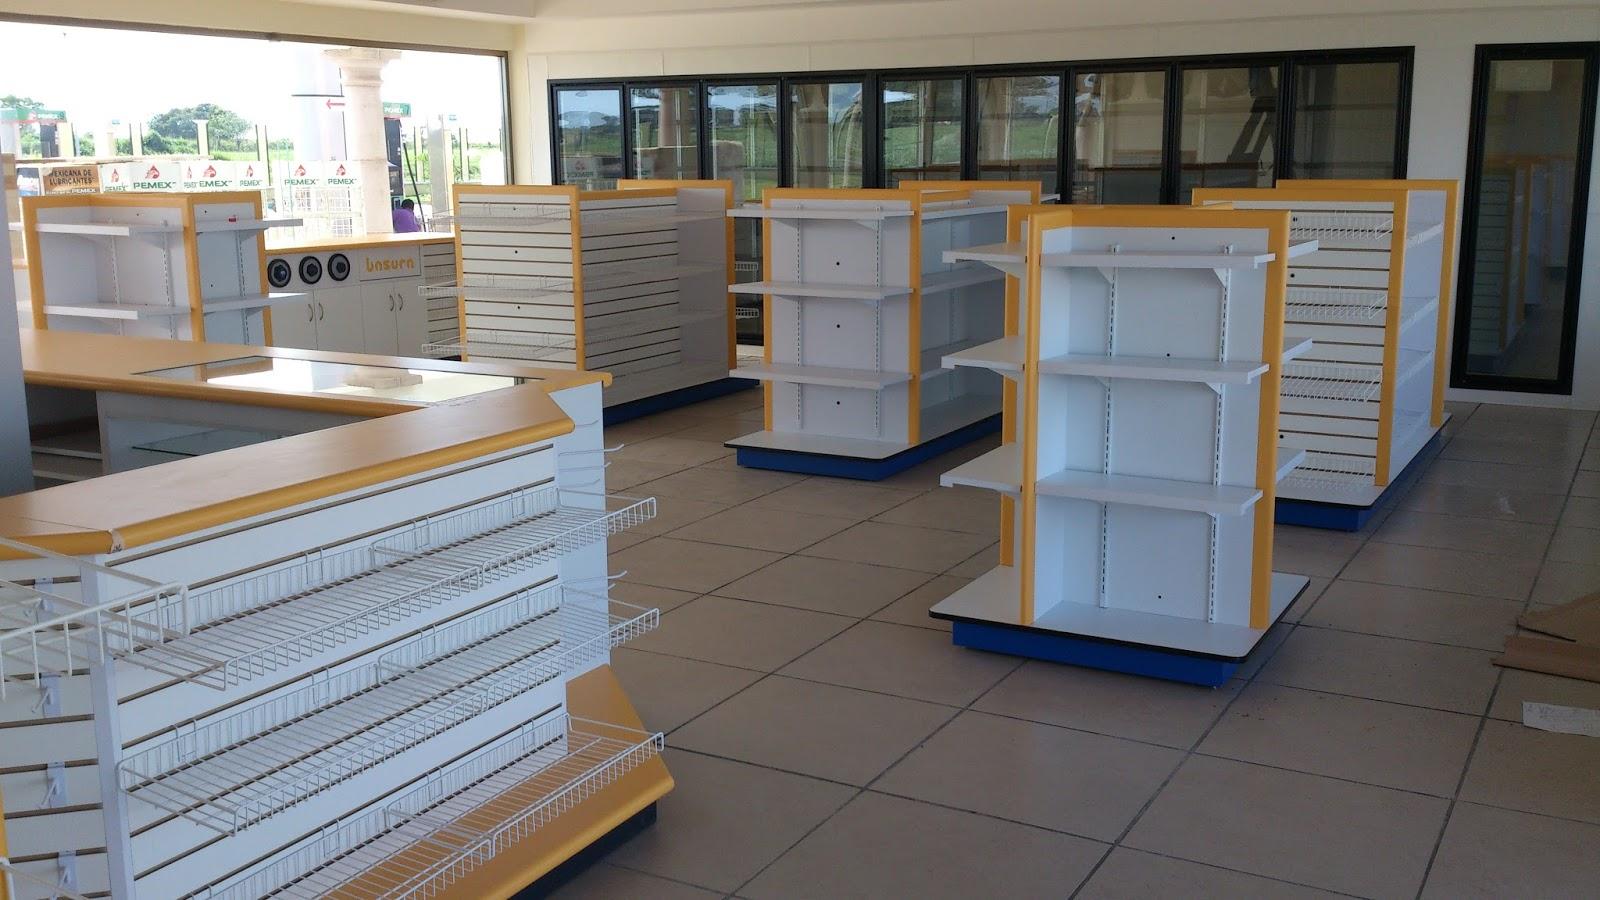 Muebles de tiendas mobiliario de oficina muebles de for Muebles de oficina resistencia chaco